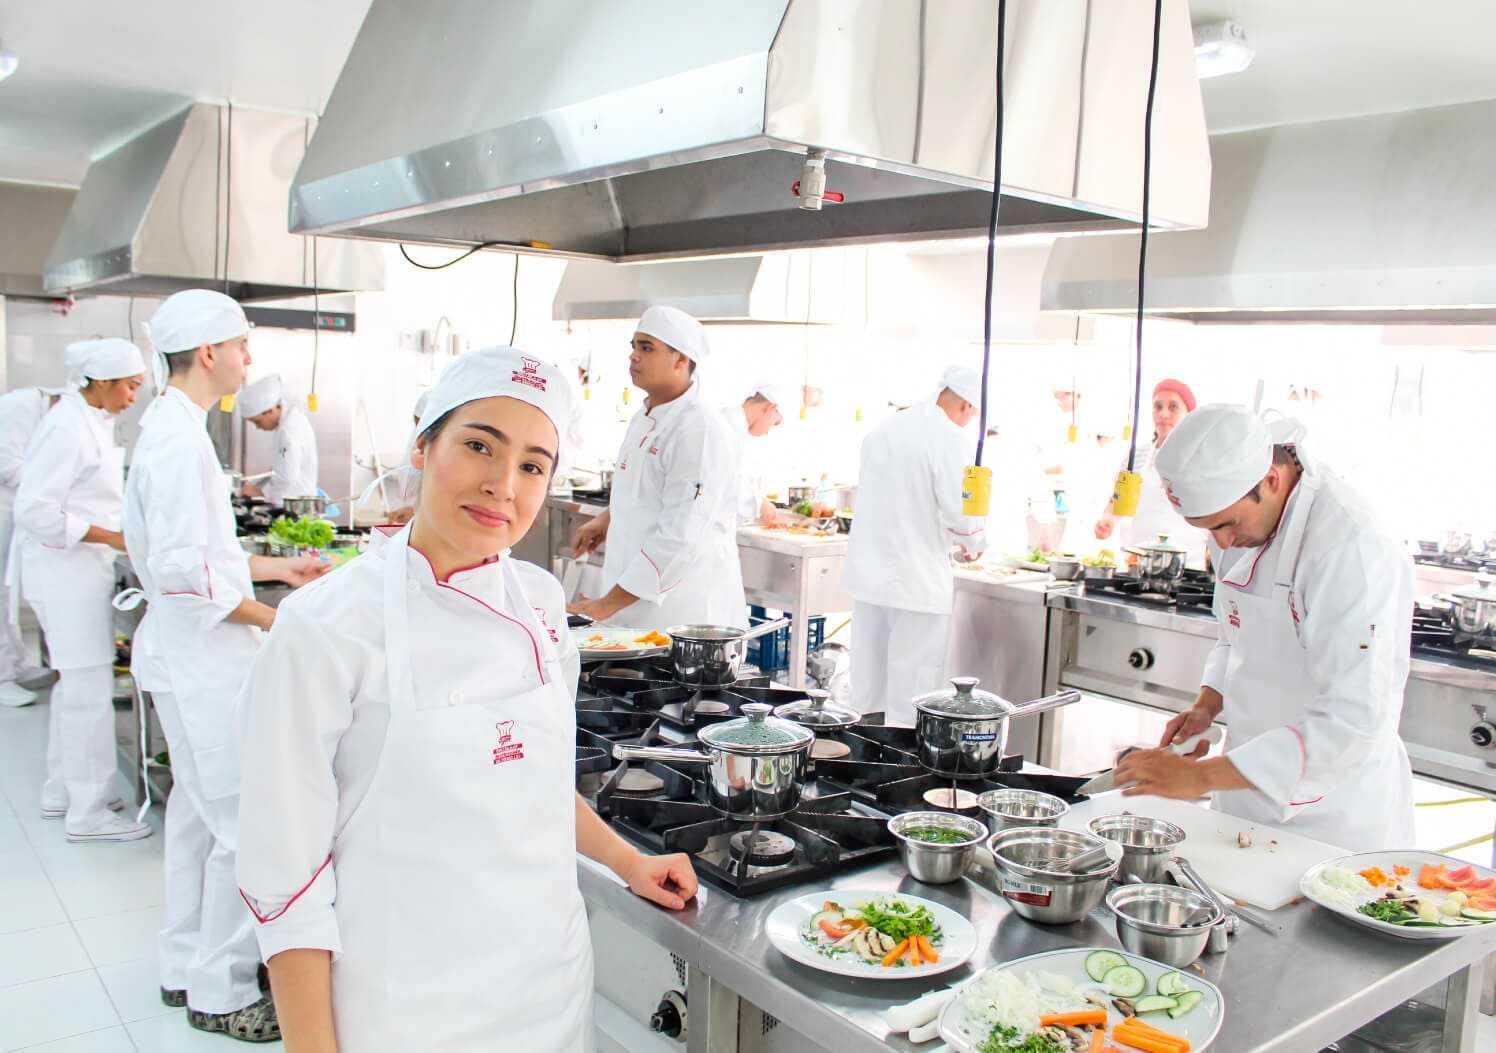 Escuela de gastronom a de medell n - Escuela de cocina ...